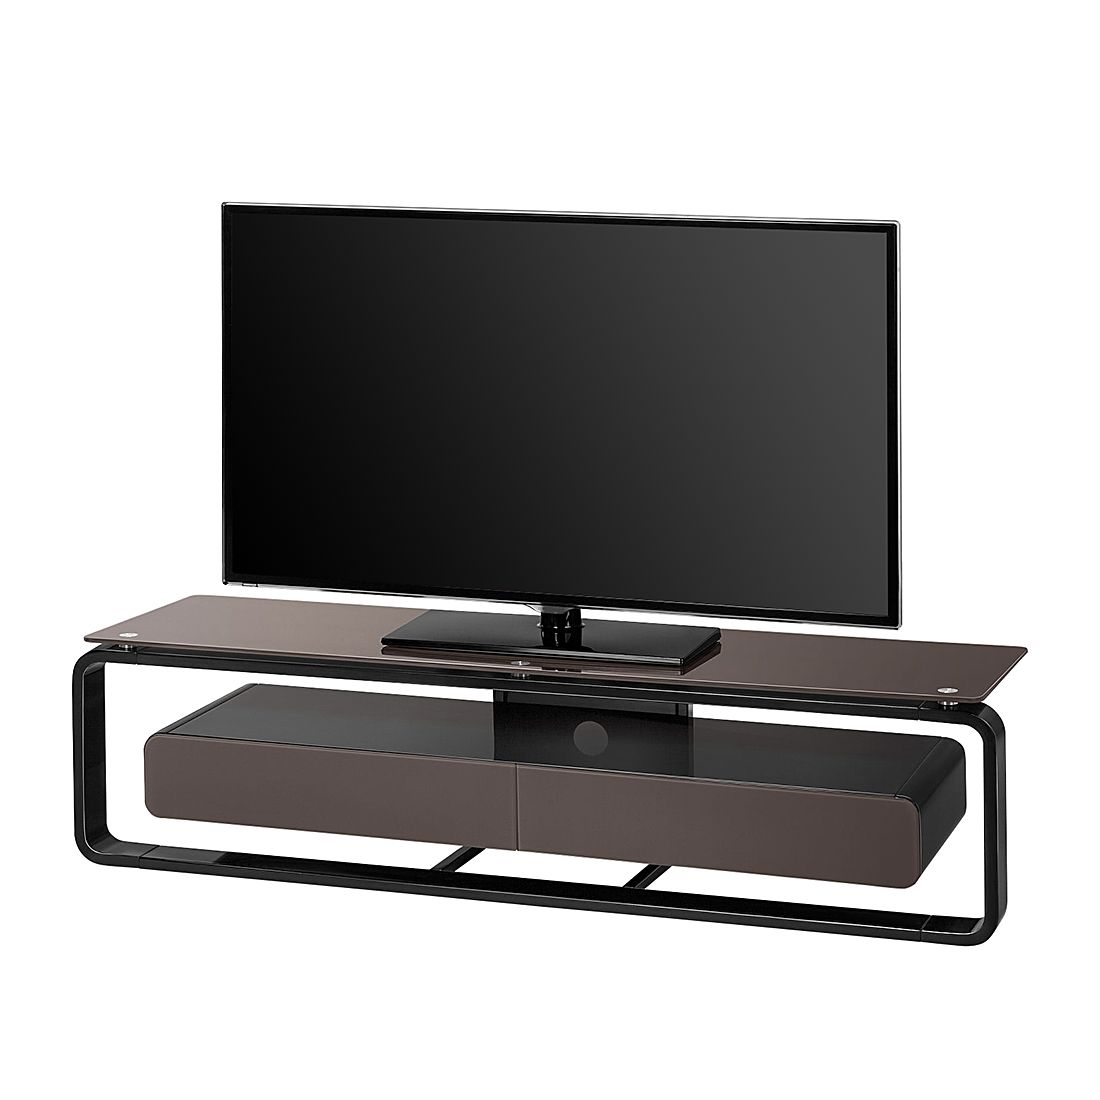 glas tv schwarz preisvergleich die besten angebote online kaufen. Black Bedroom Furniture Sets. Home Design Ideas